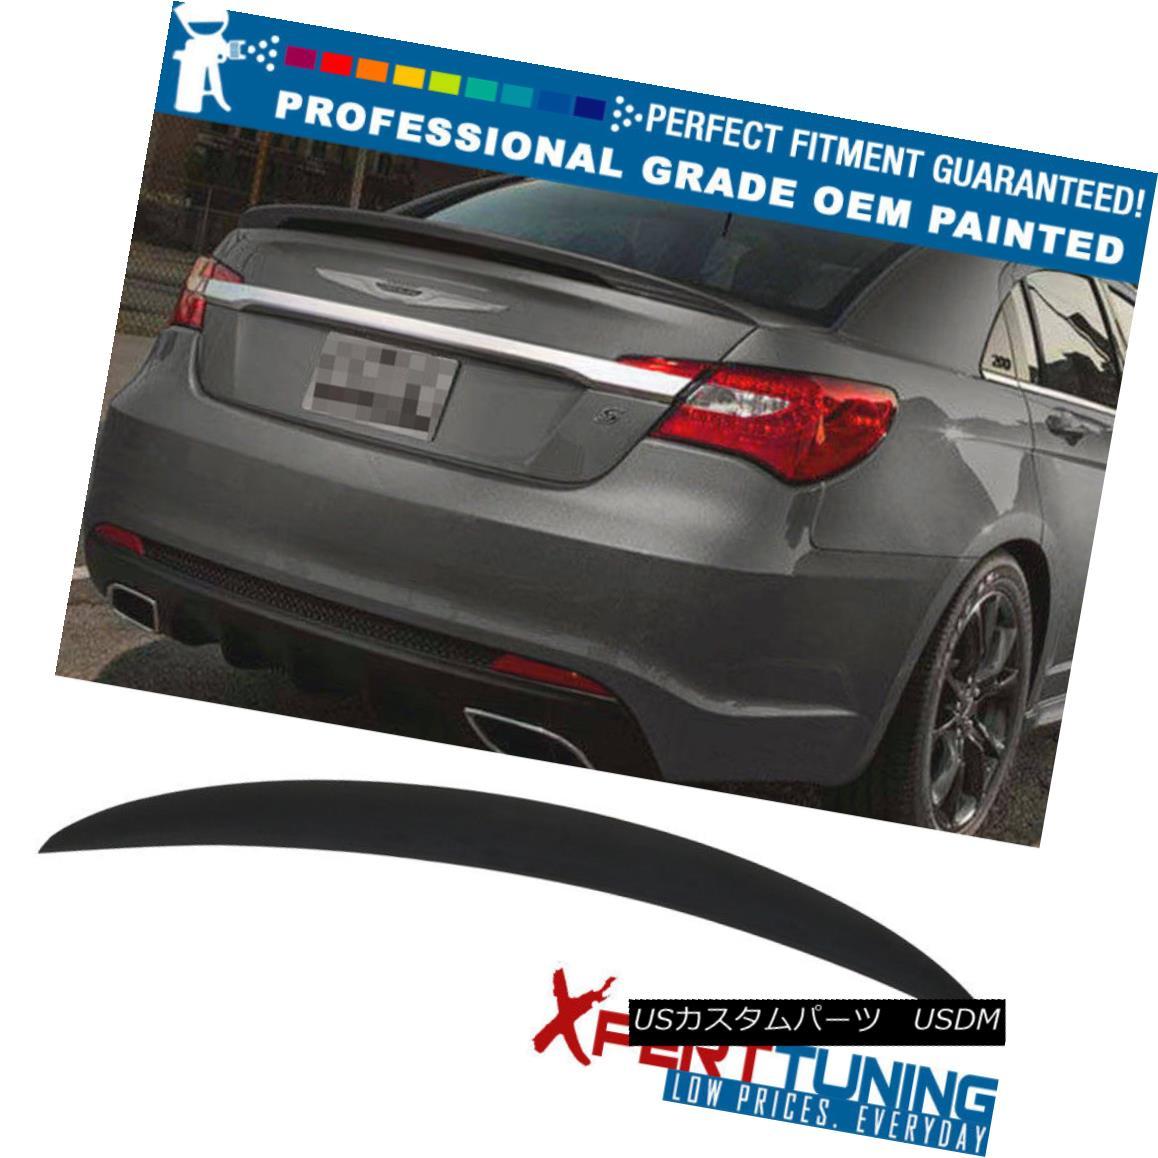 エアロパーツ Fit 11-14 Chrysler 200 4D OE Style Painted Trunk Spoiler - OEM Painted Color フィット11-14クライスラー200 4D OEスタイル塗装トランクスポイラー - OEM塗装カラー